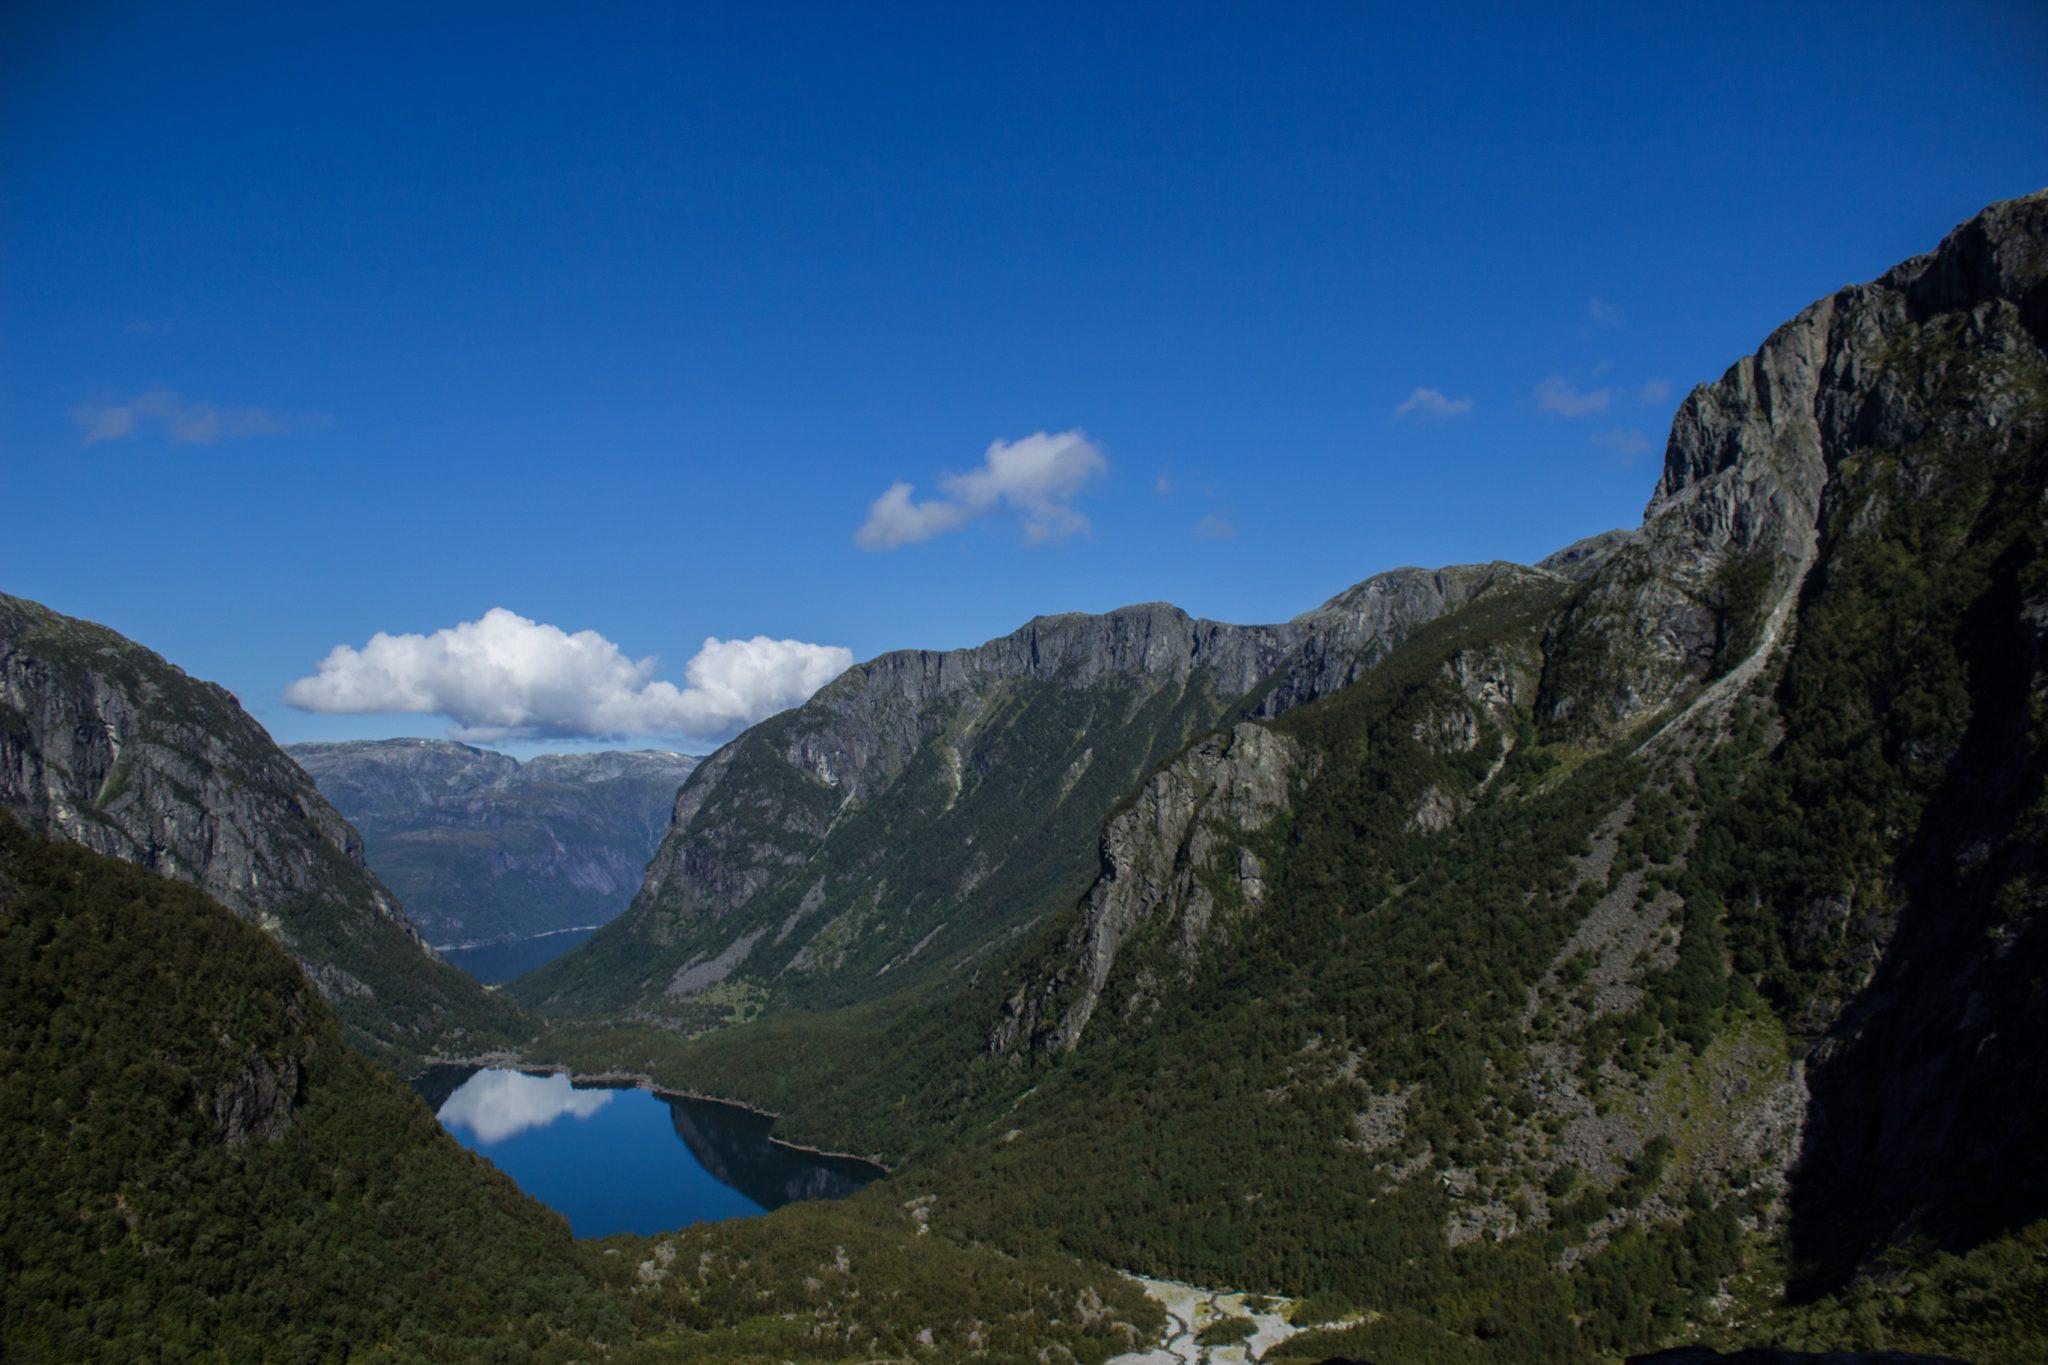 Wanderung vom Ort Sundal bis zum Gletscher Bondhusbreen im Folgefonna Nationalpark, traumhafte Bergkulisse, schöner Sommertag, kristallklares Wasser im See von Gletscher gespeist, umgeben von Wald